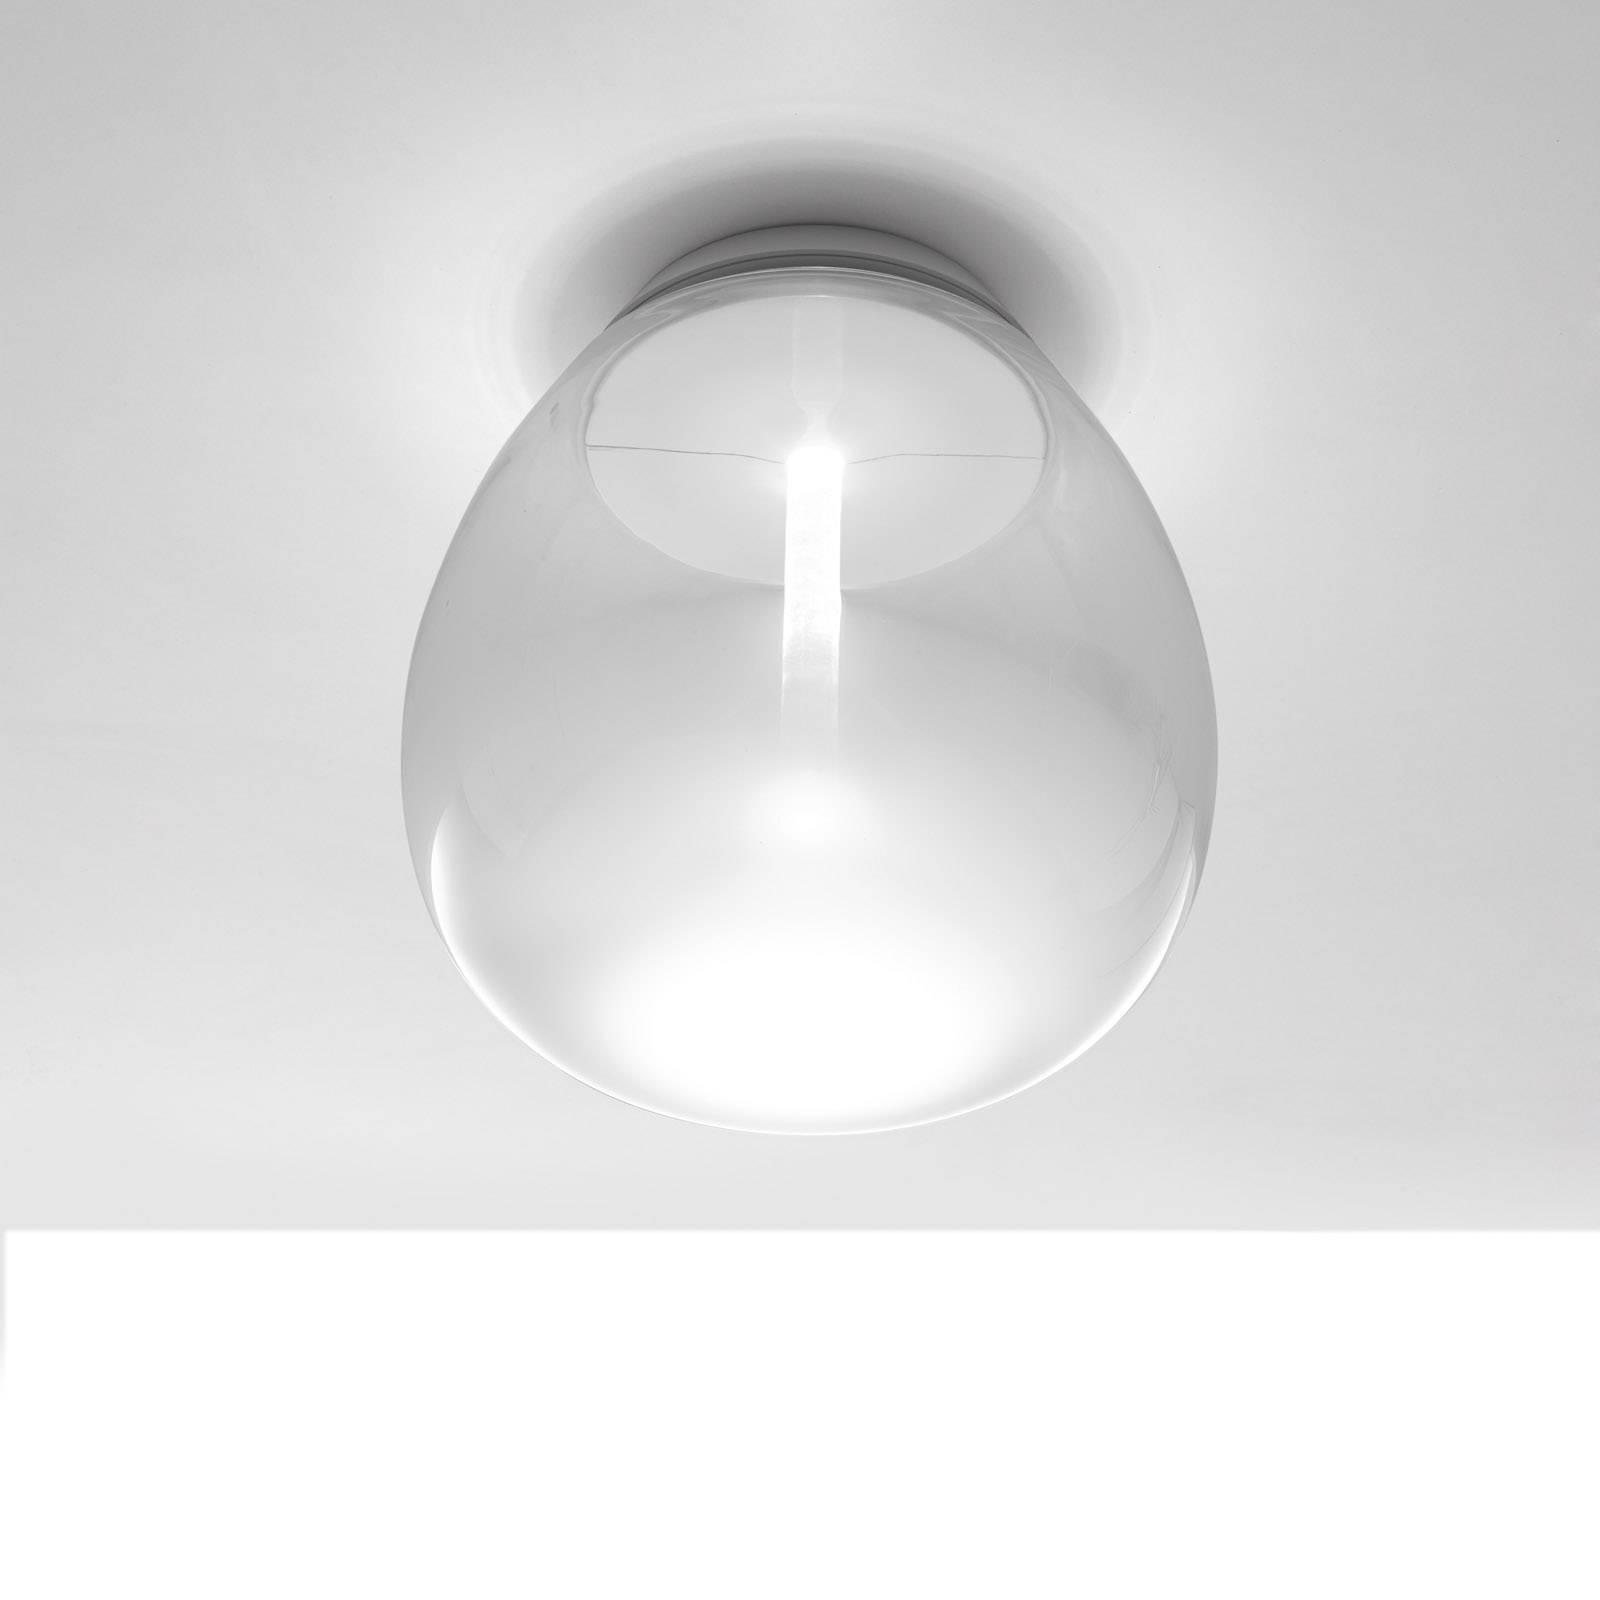 Artemide Empatia LED-Deckenleuchte, Ø 36 cm